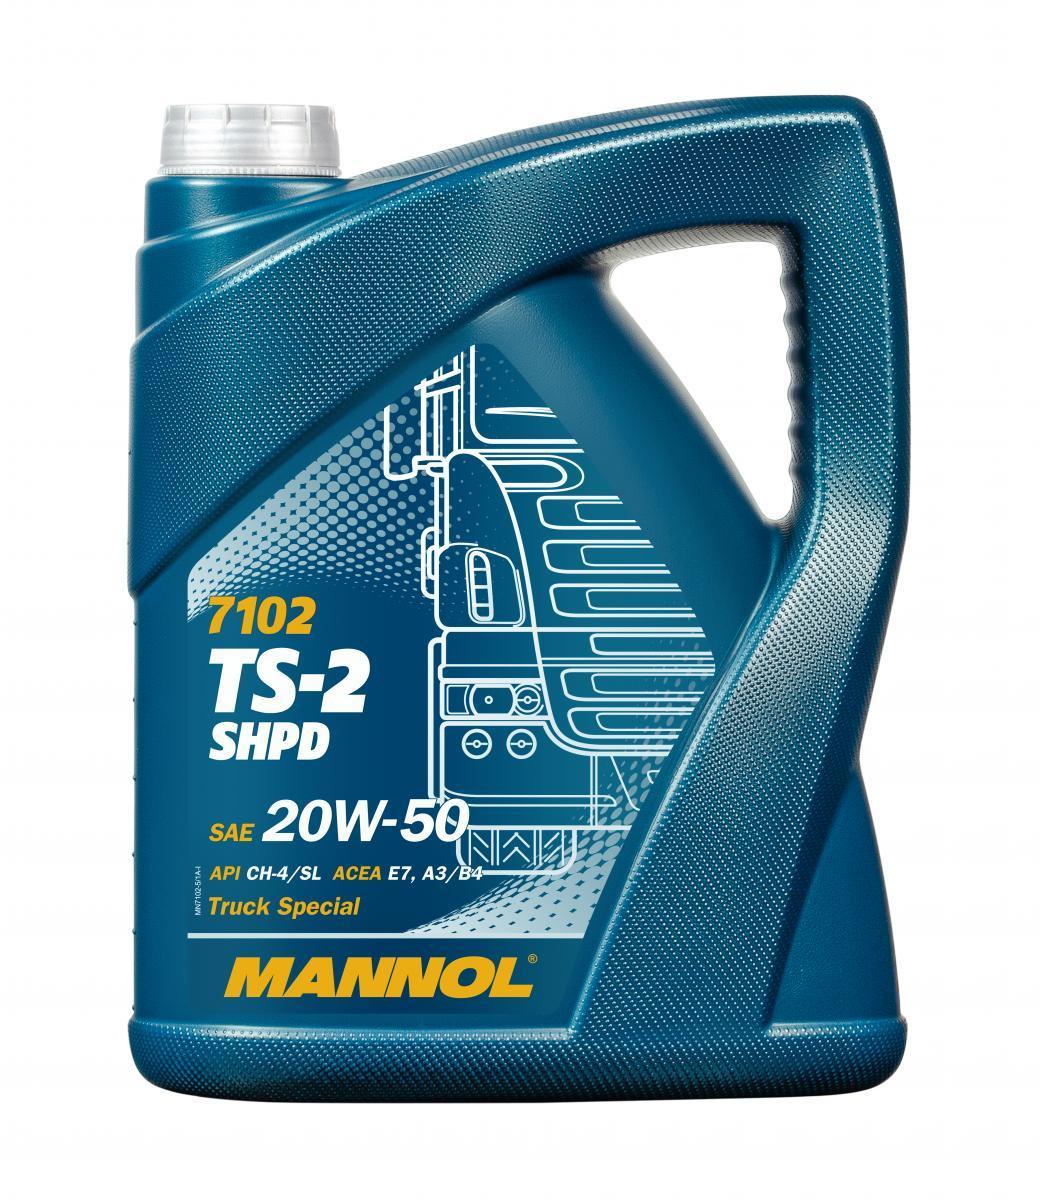 MN7102-5 MANNOL TS-2, SHPD 20W-50, 5l, Mineralöl Motoröl MN7102-5 günstig kaufen